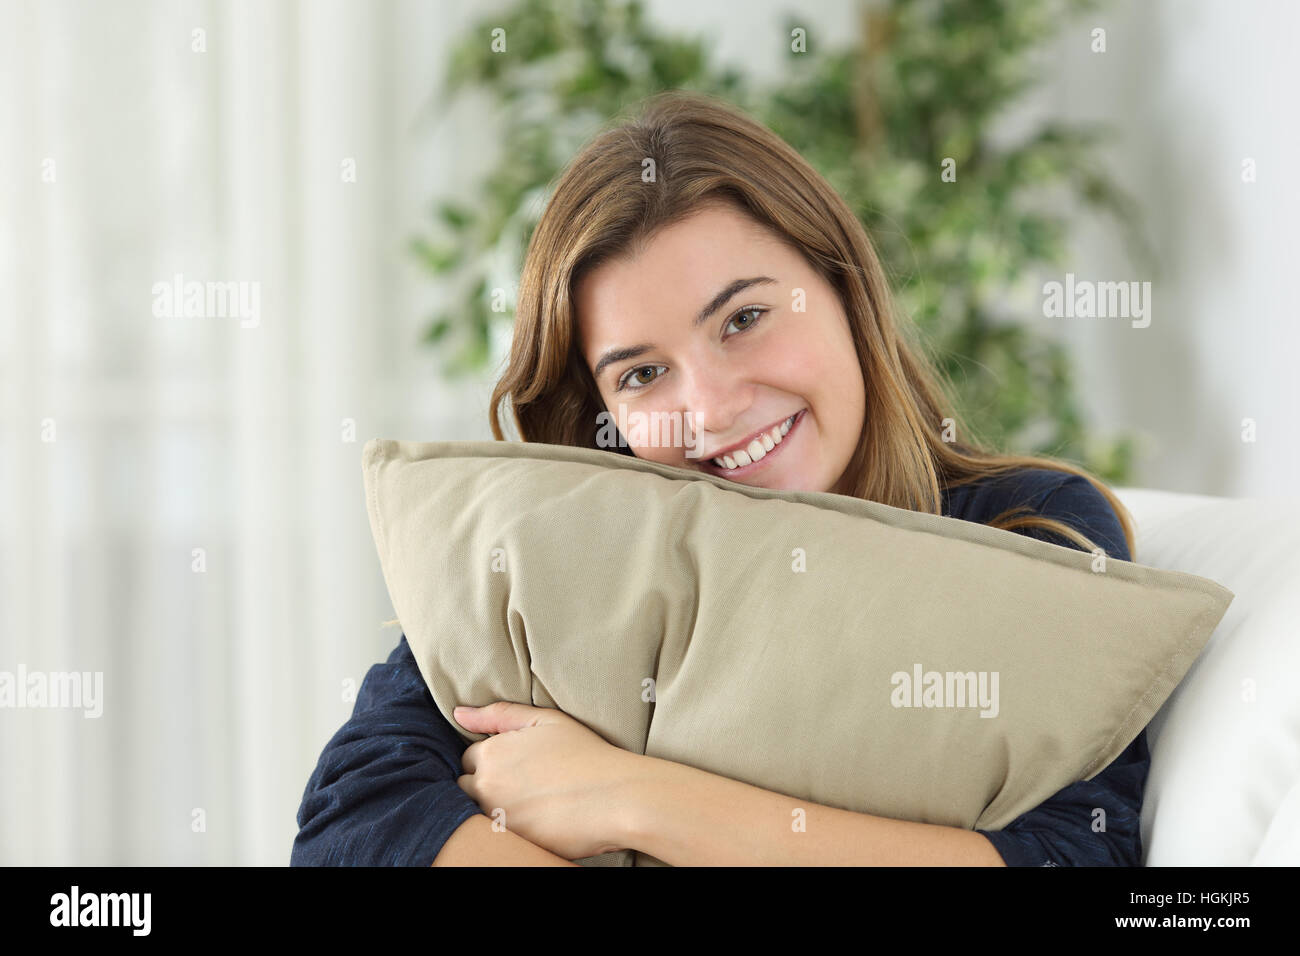 Feliz jovencita posando mirando estás sentado en un sofá en el salón de casa Imagen De Stock